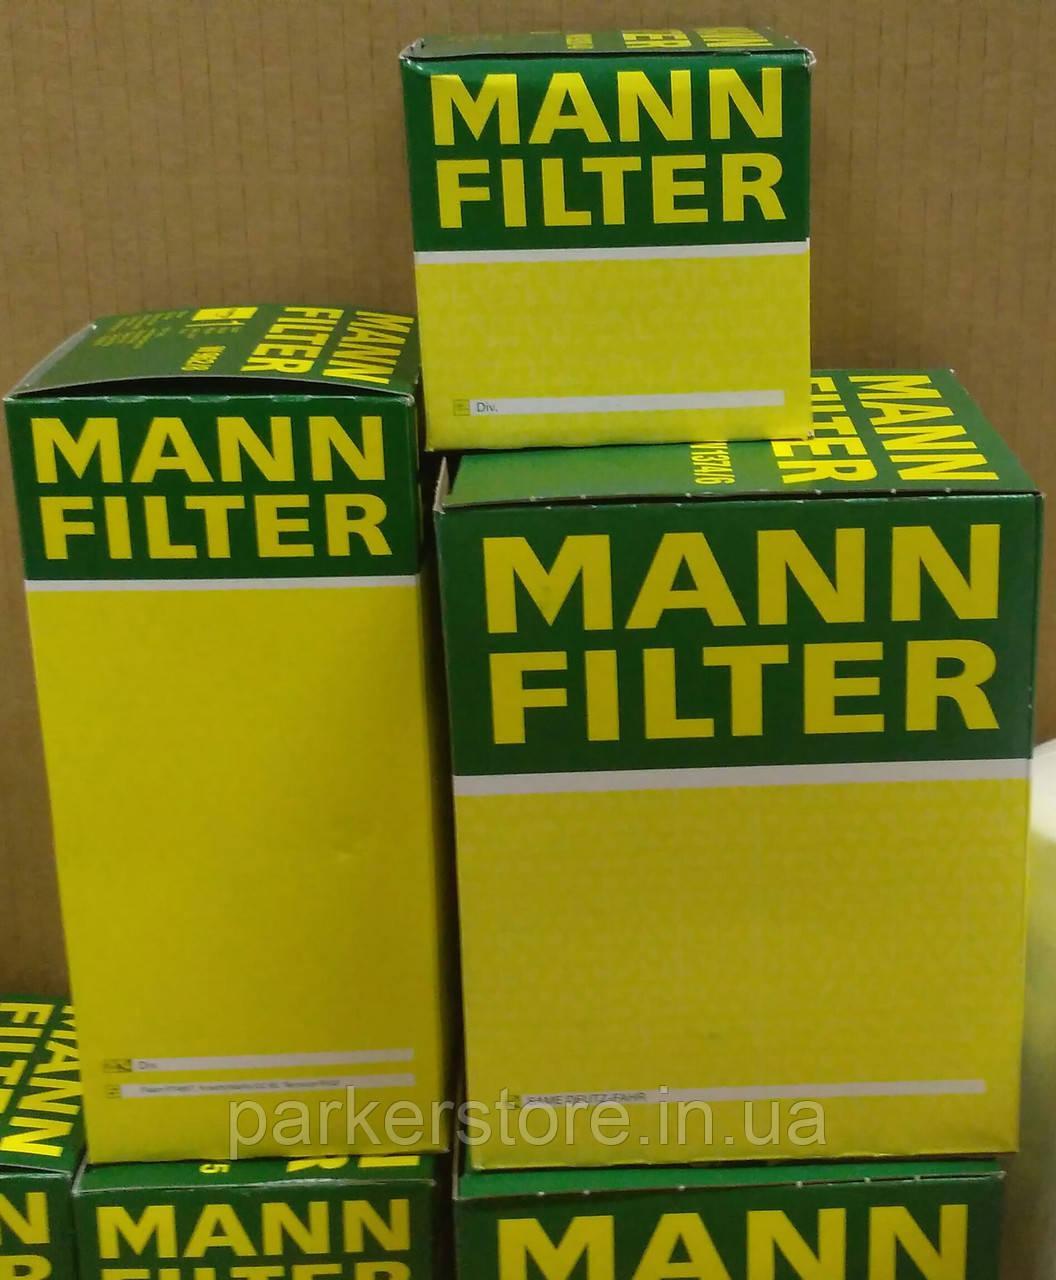 MANN FILTER / Воздушный фильтр / C 28 357 / C28357